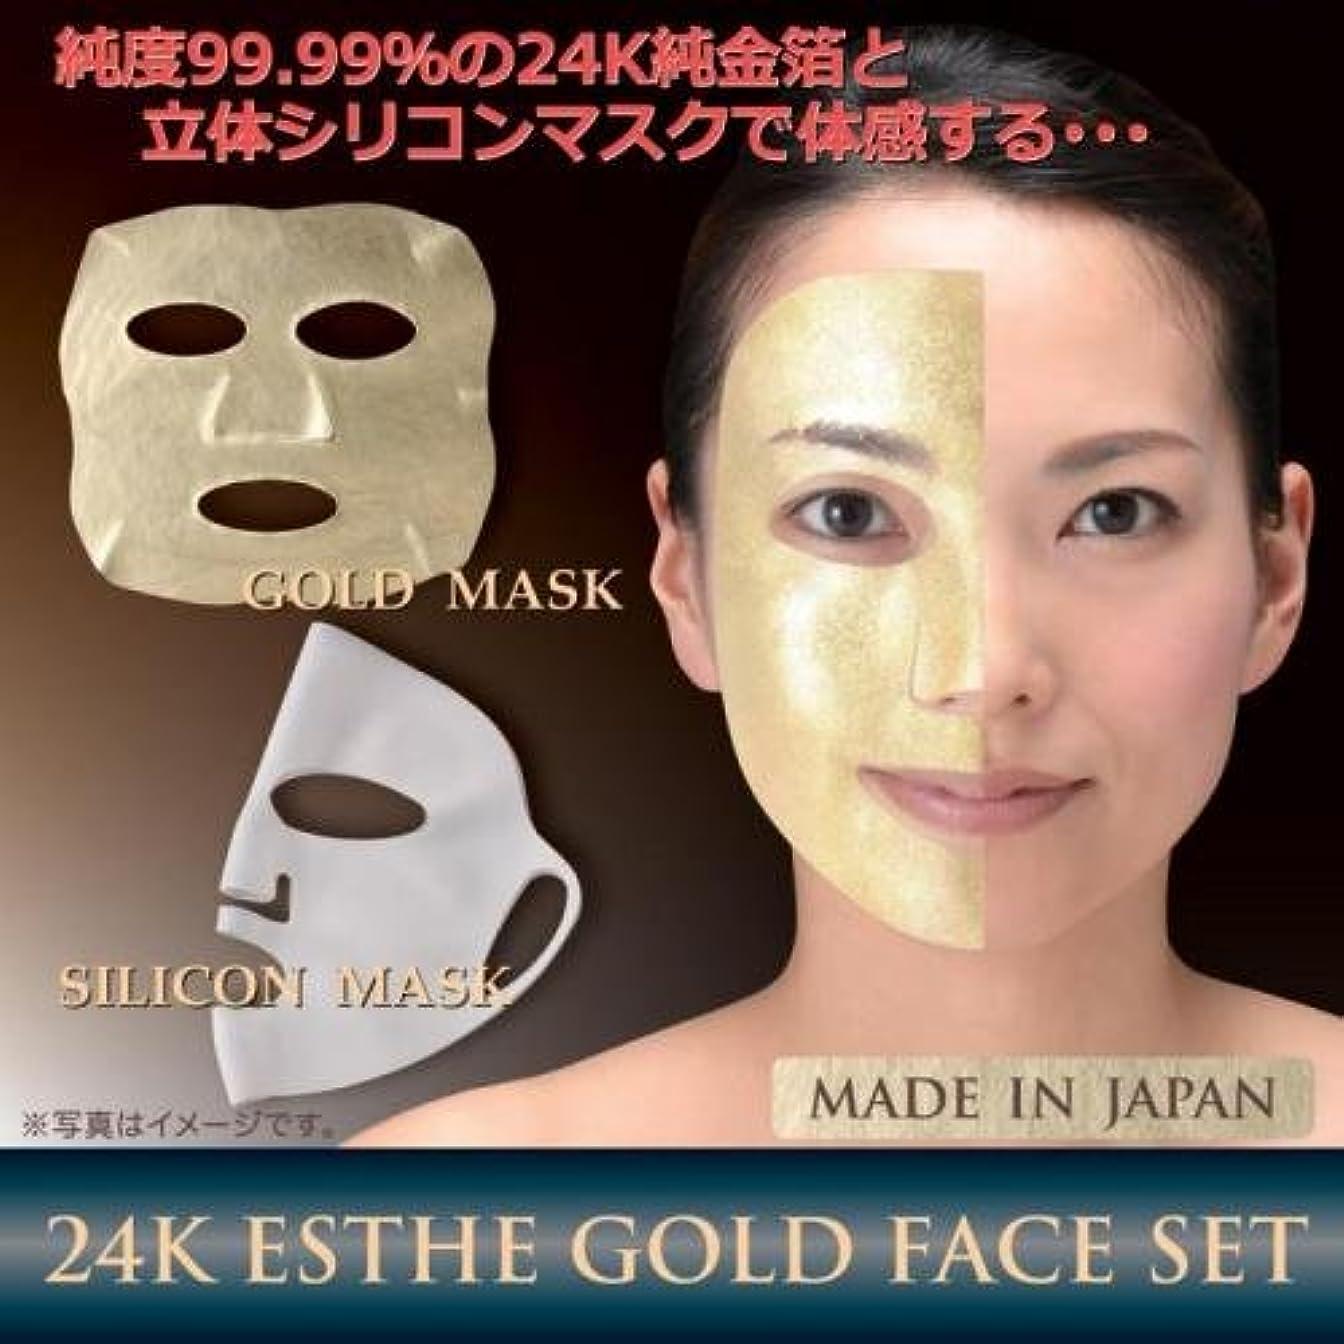 清める処方する発表する後藤 24K エステゴールドフェイス セット 金箔マスク×1、シリコンマスク×1